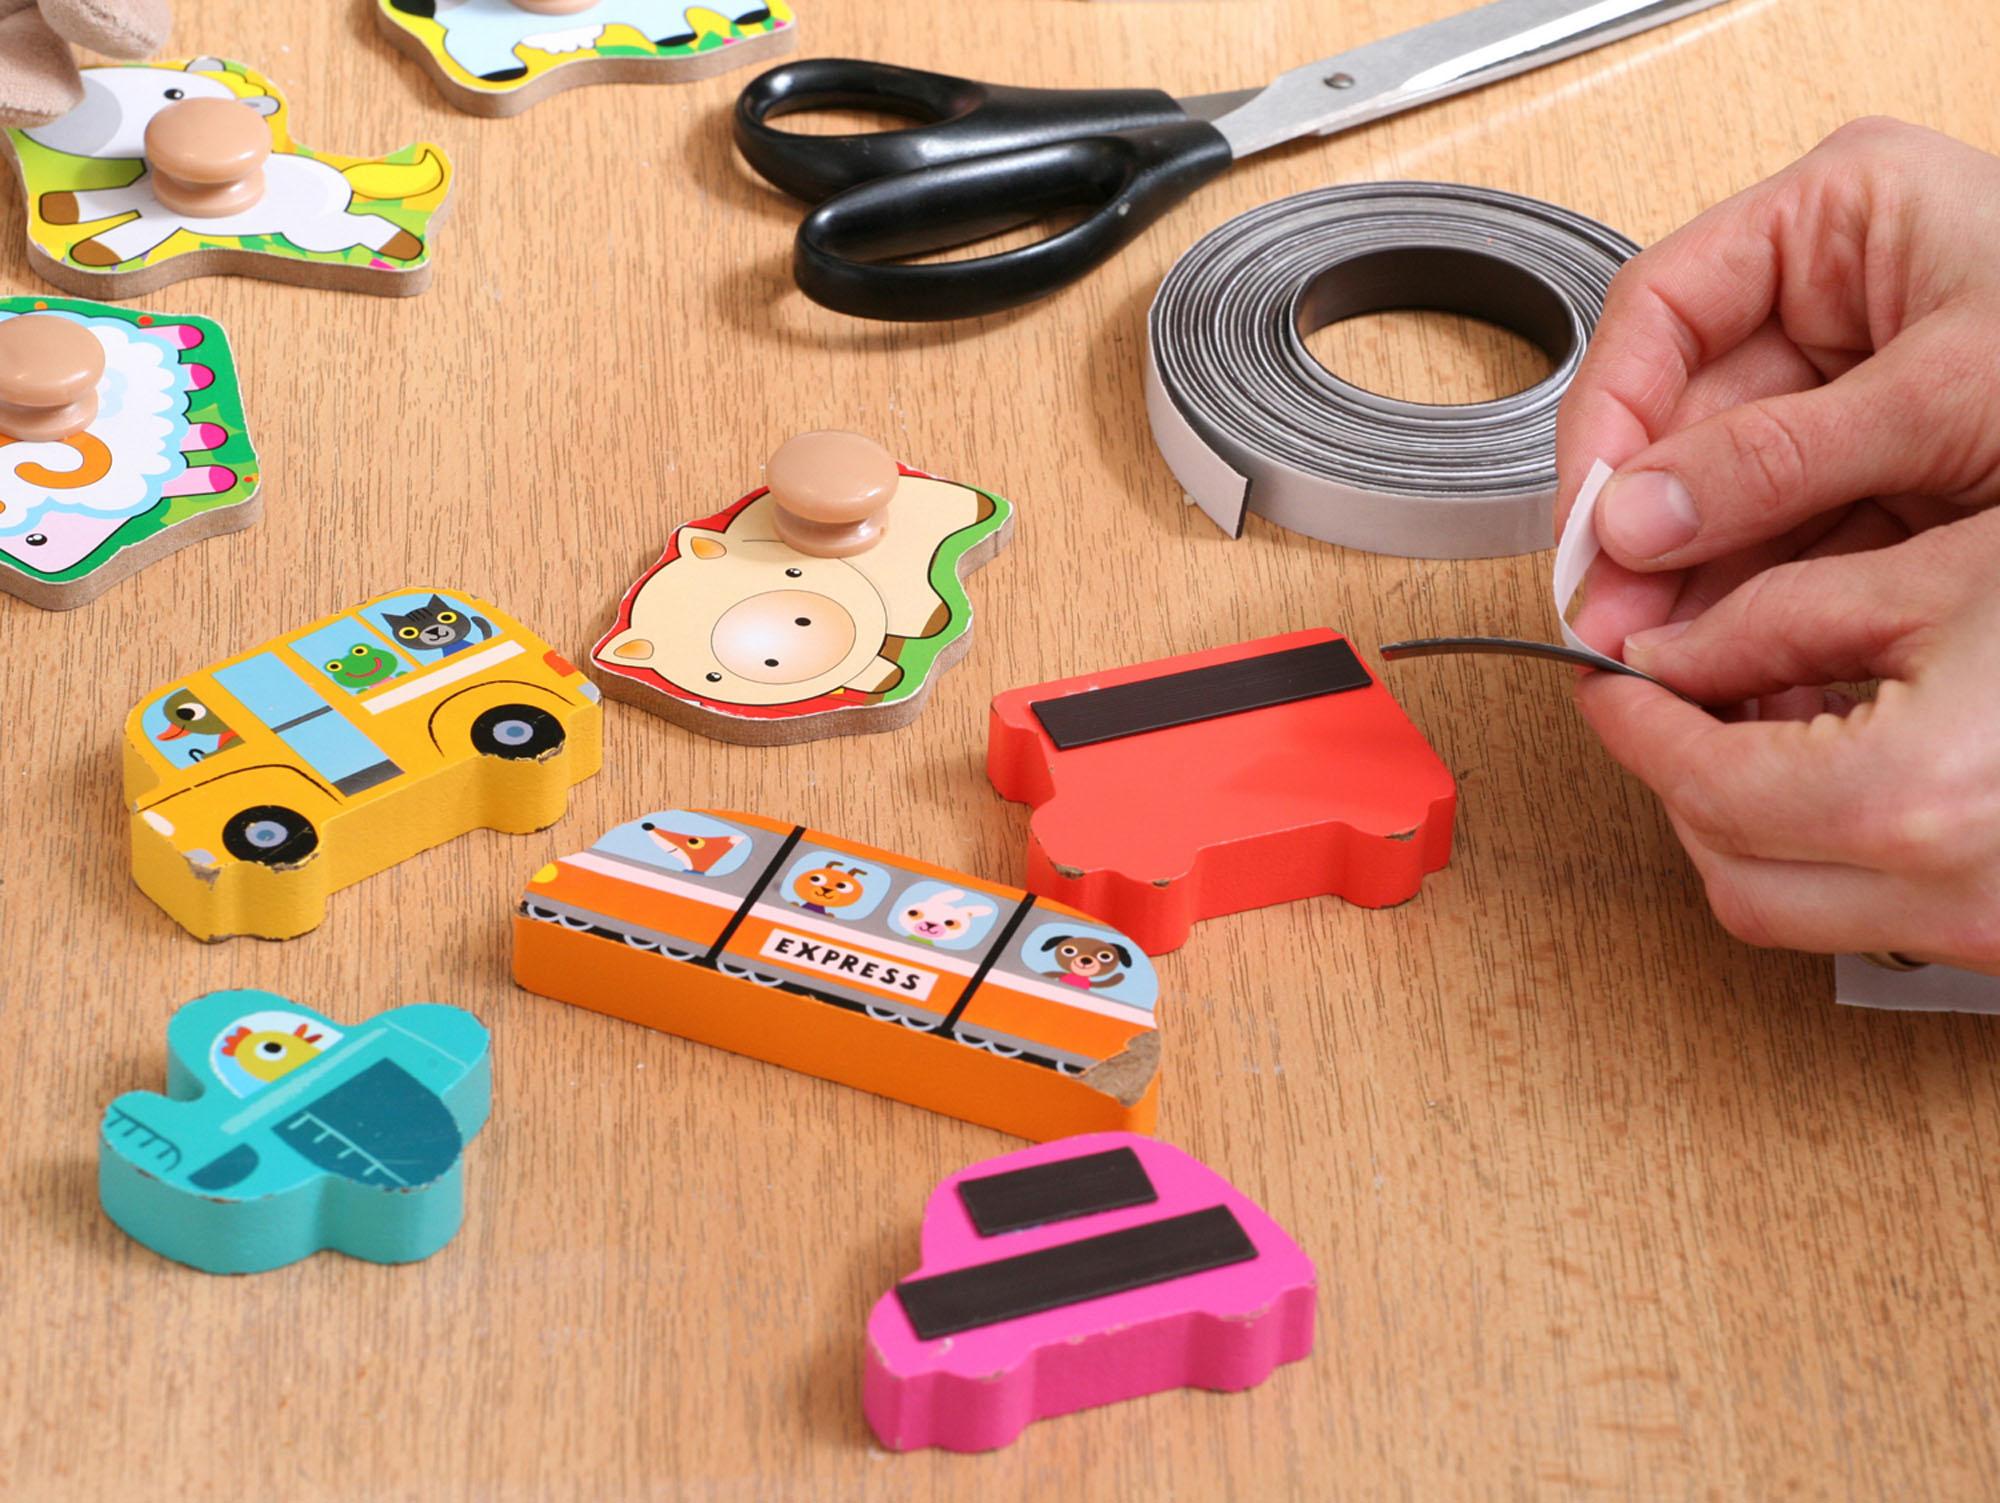 Magnetky snadno uděláte z hraček, s nimiž si už vaše dítě nehraje. Zezadu na ně nalepte proužky magnetické pásky.